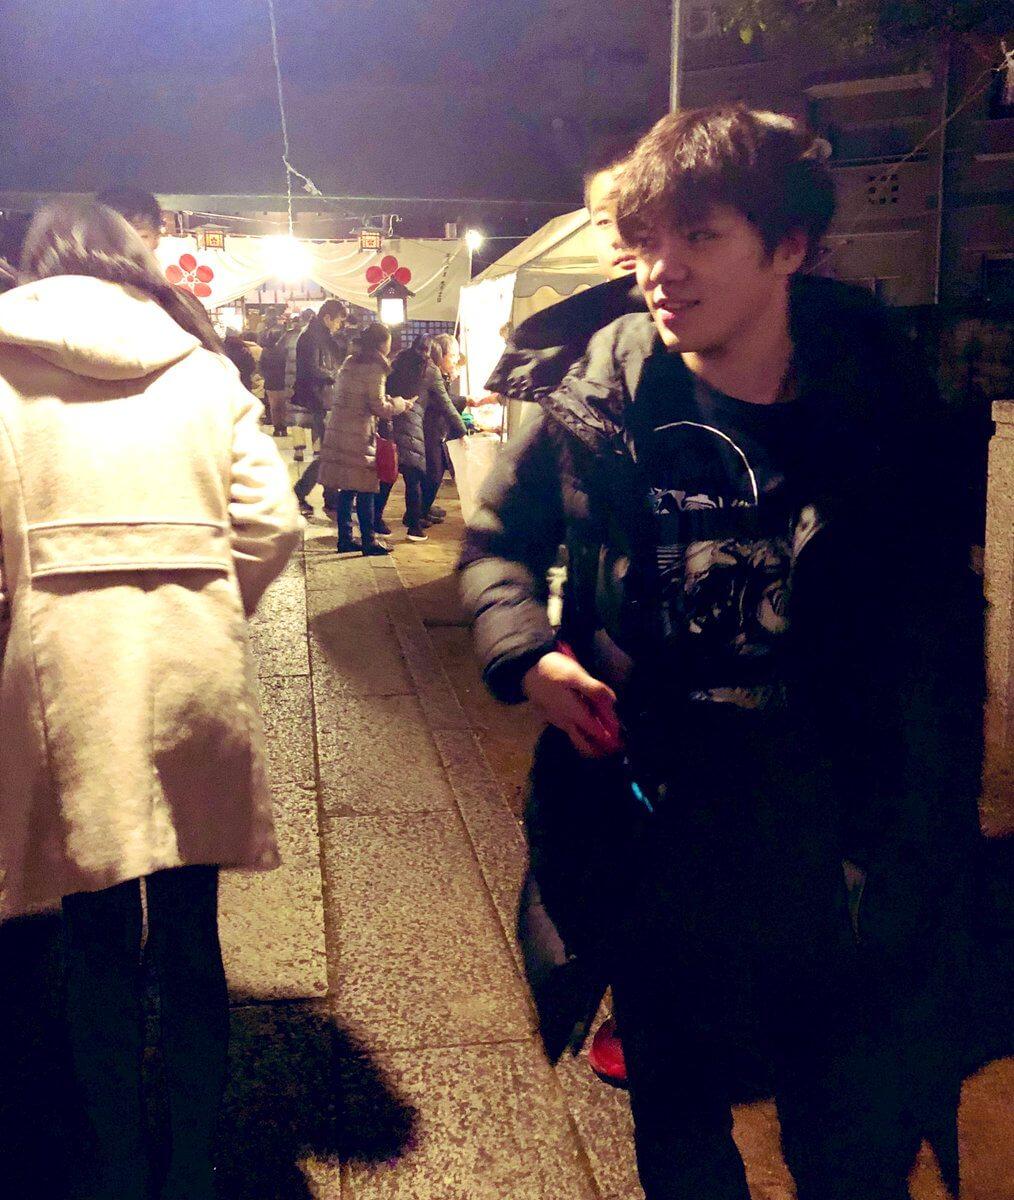 宇野樹が宇野昌磨との初詣の写真をツイート!